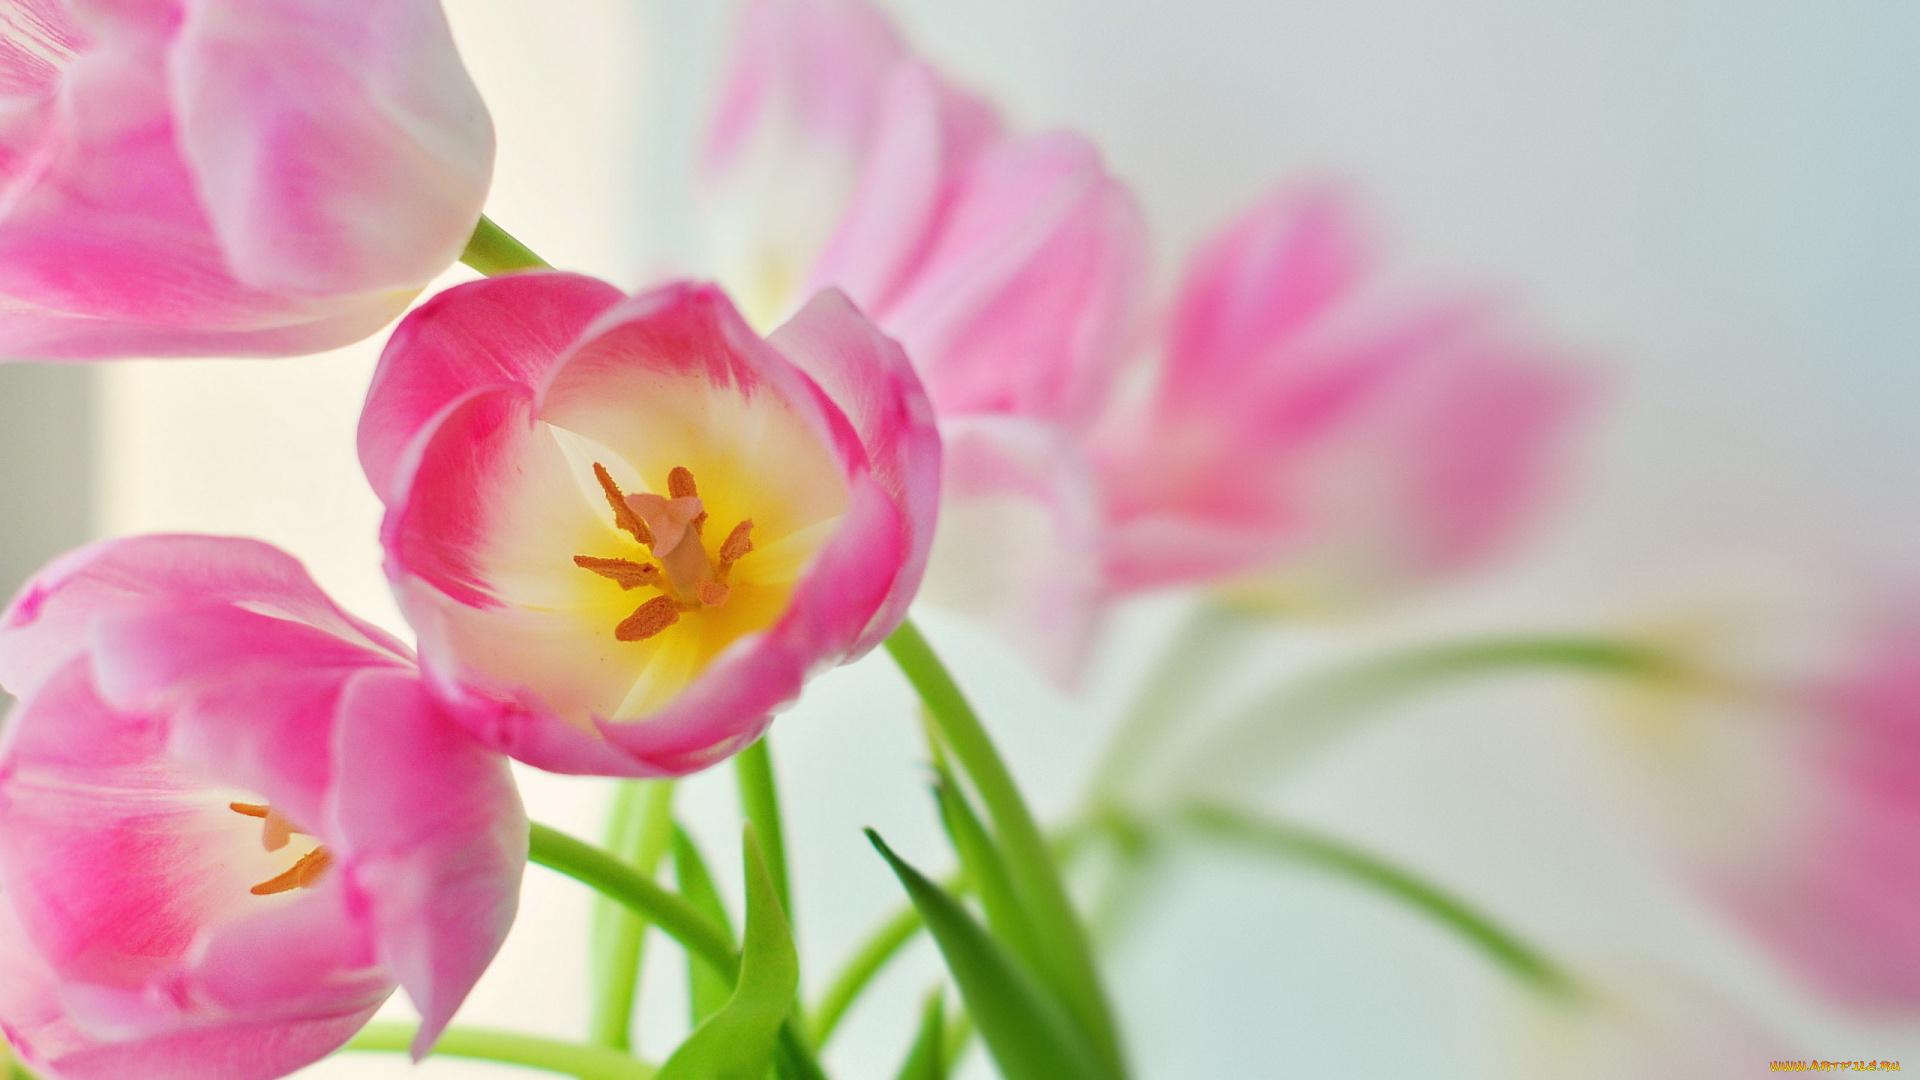 С 8 марта картинки нежные цветы, картинках